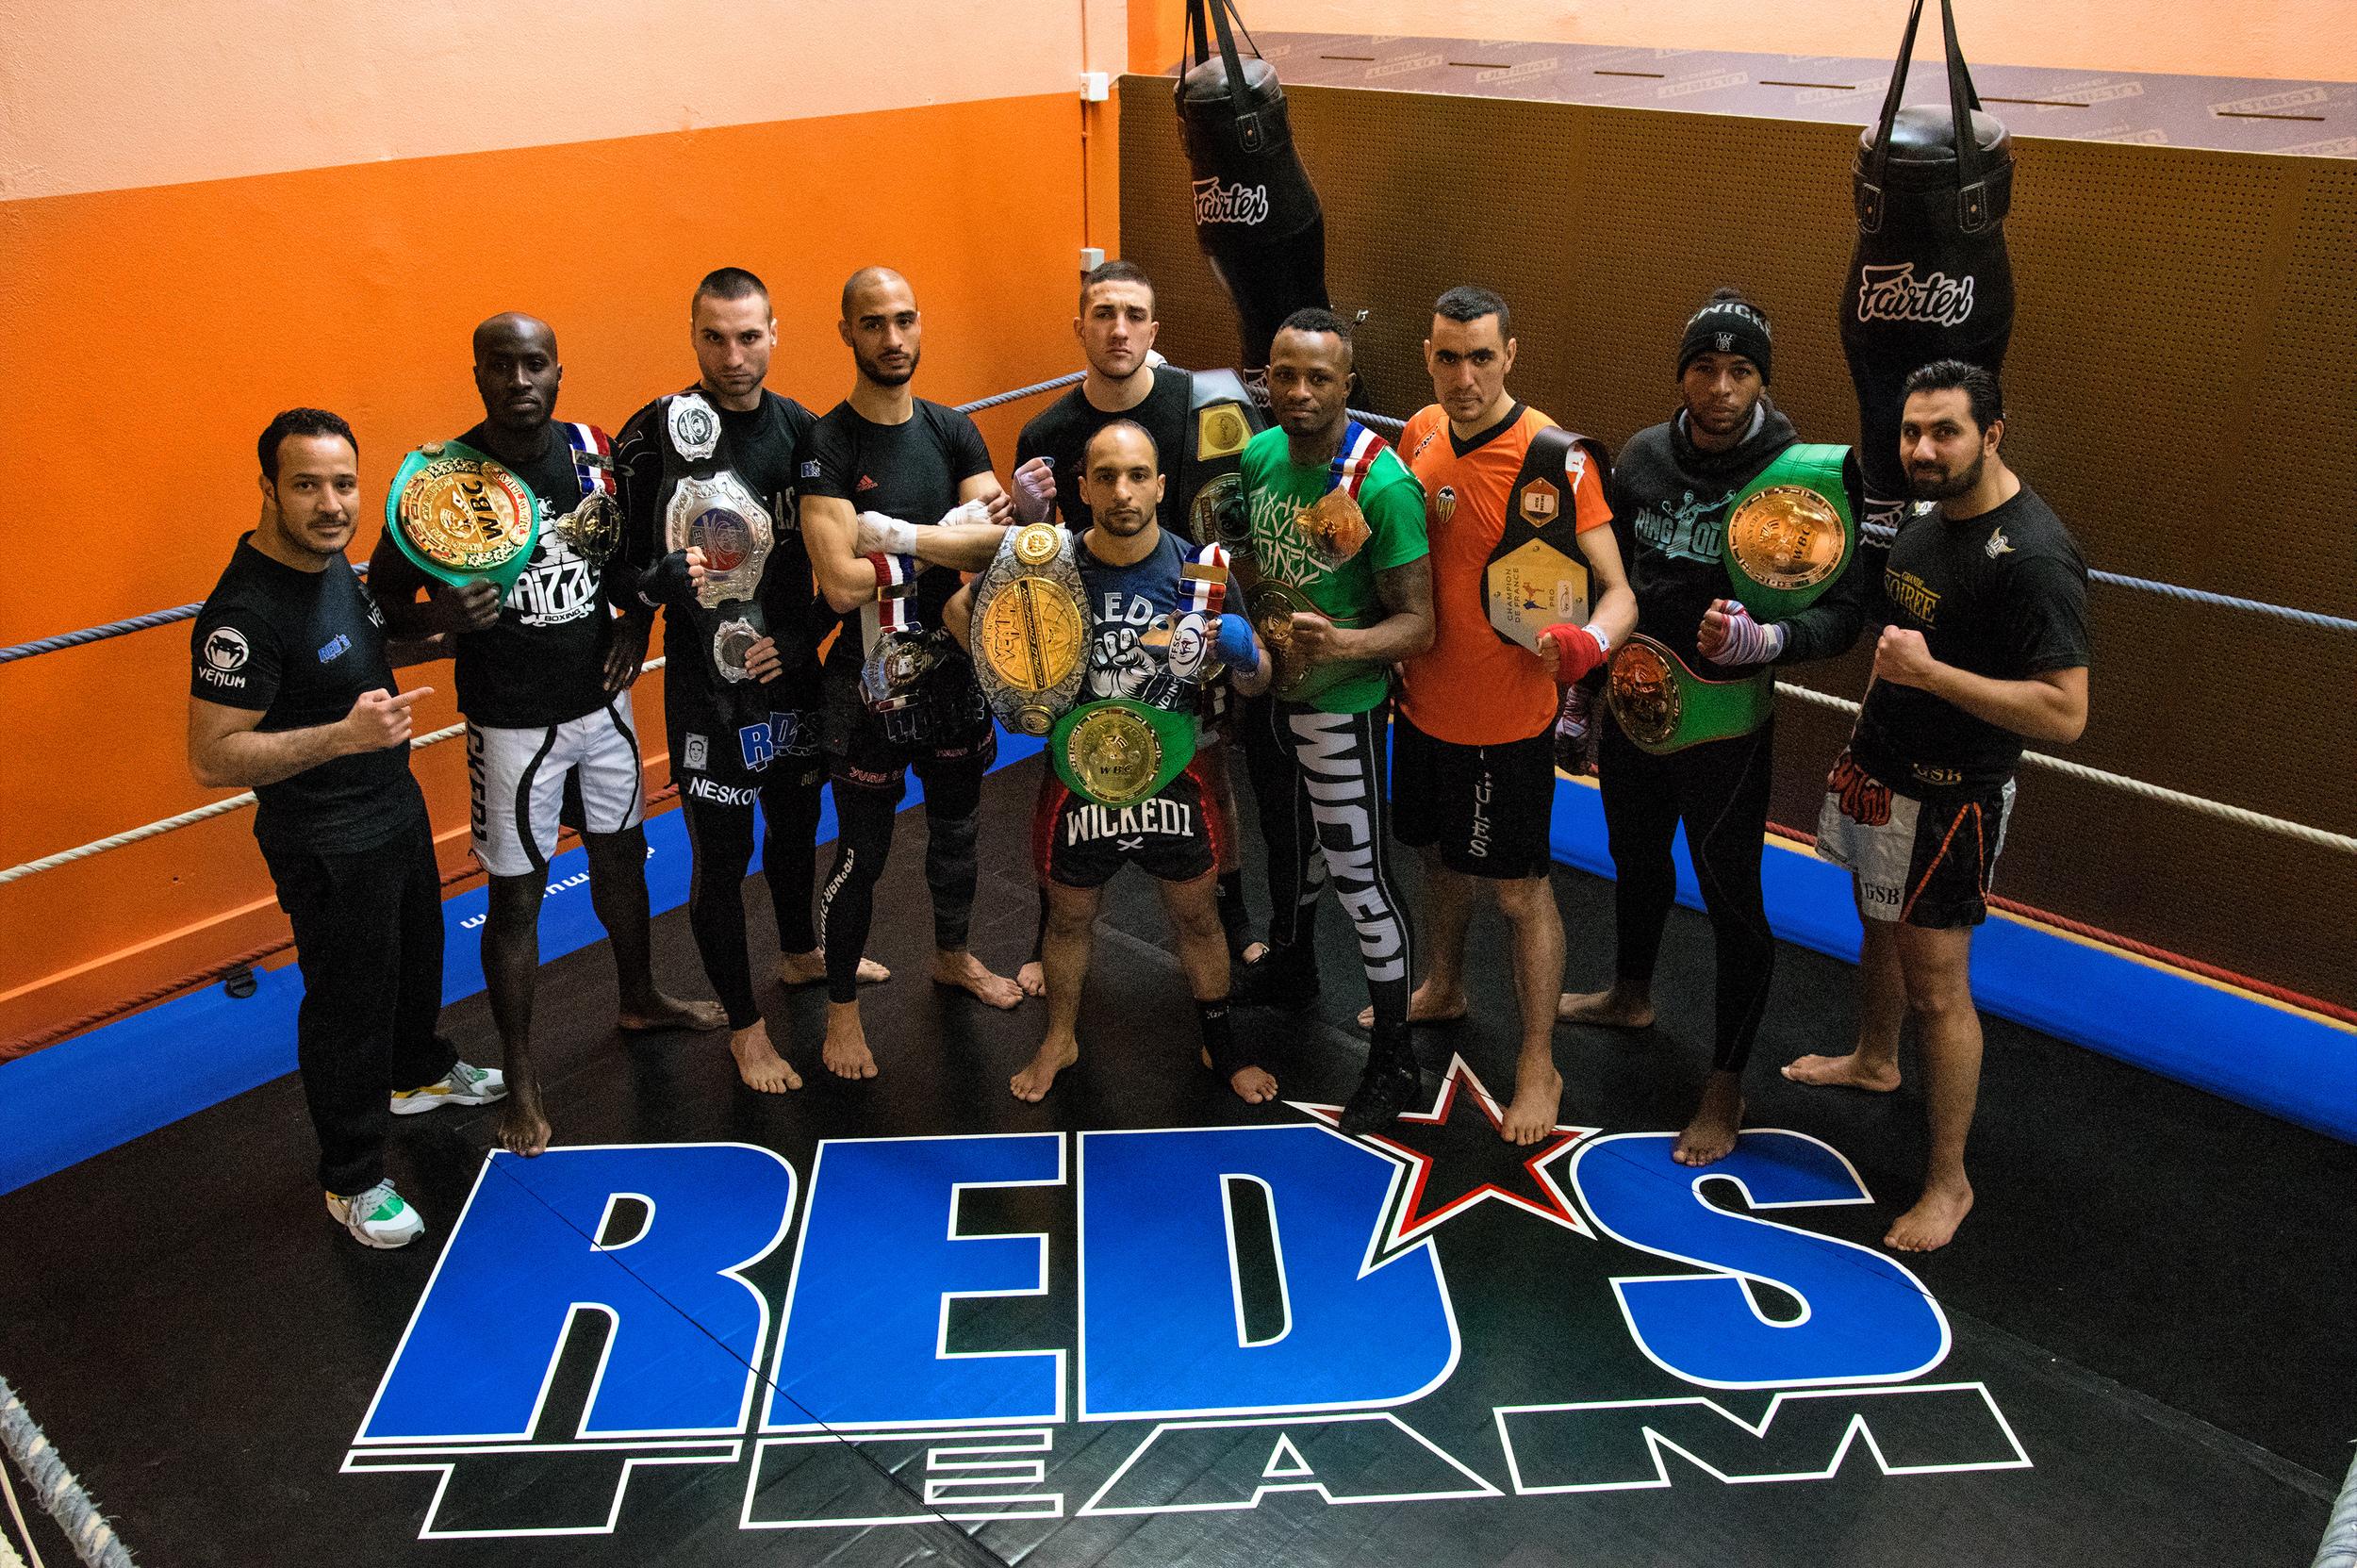 clinalliance-sport-reds-team